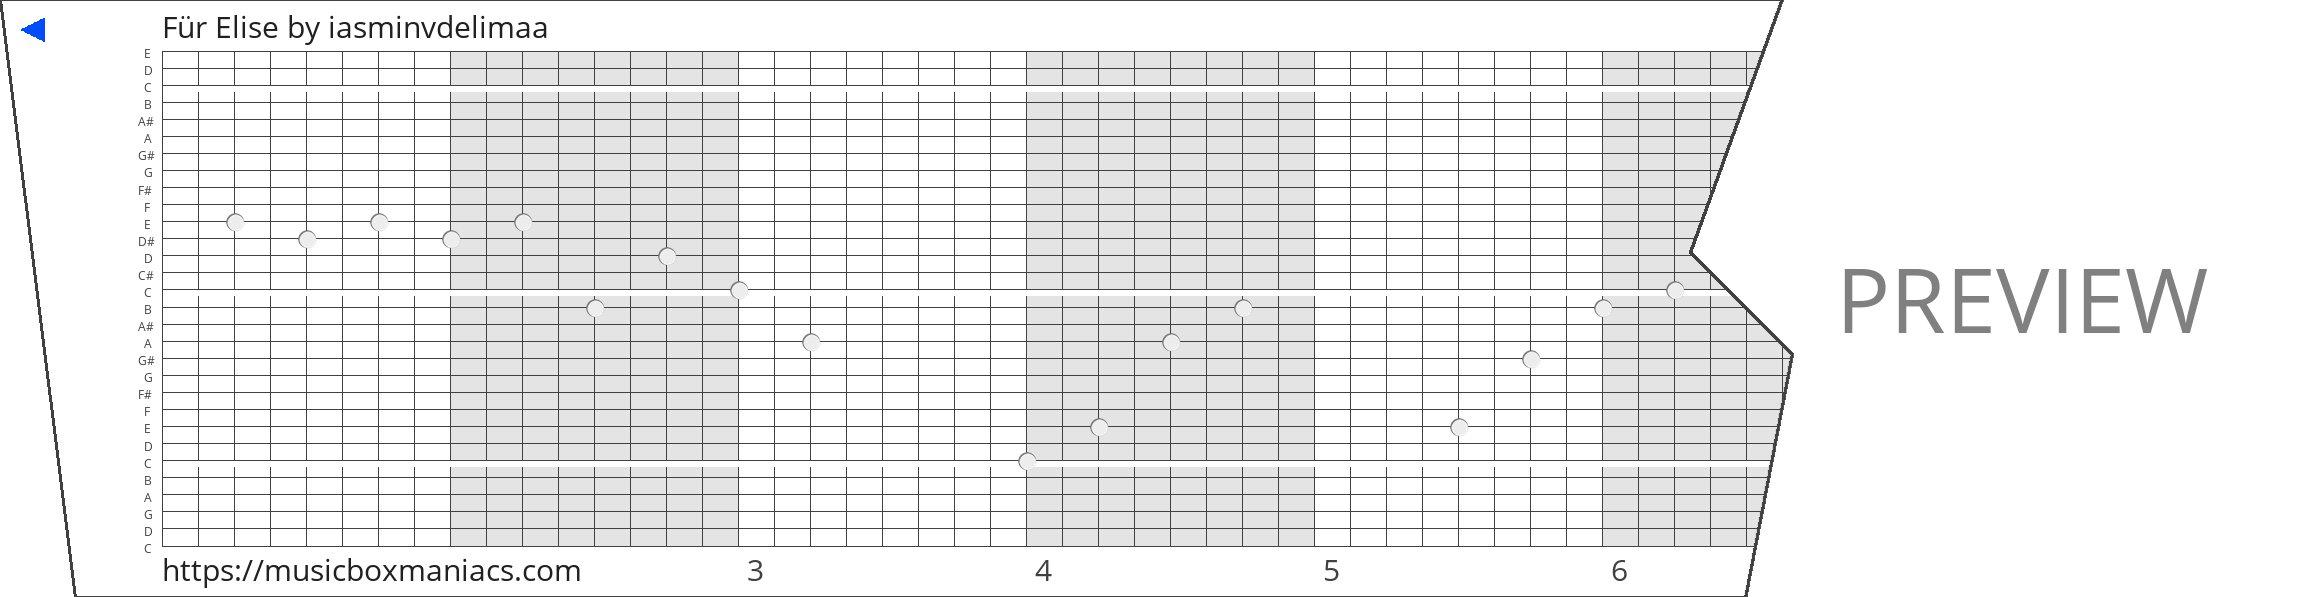 Für Elise 30 note music box paper strip